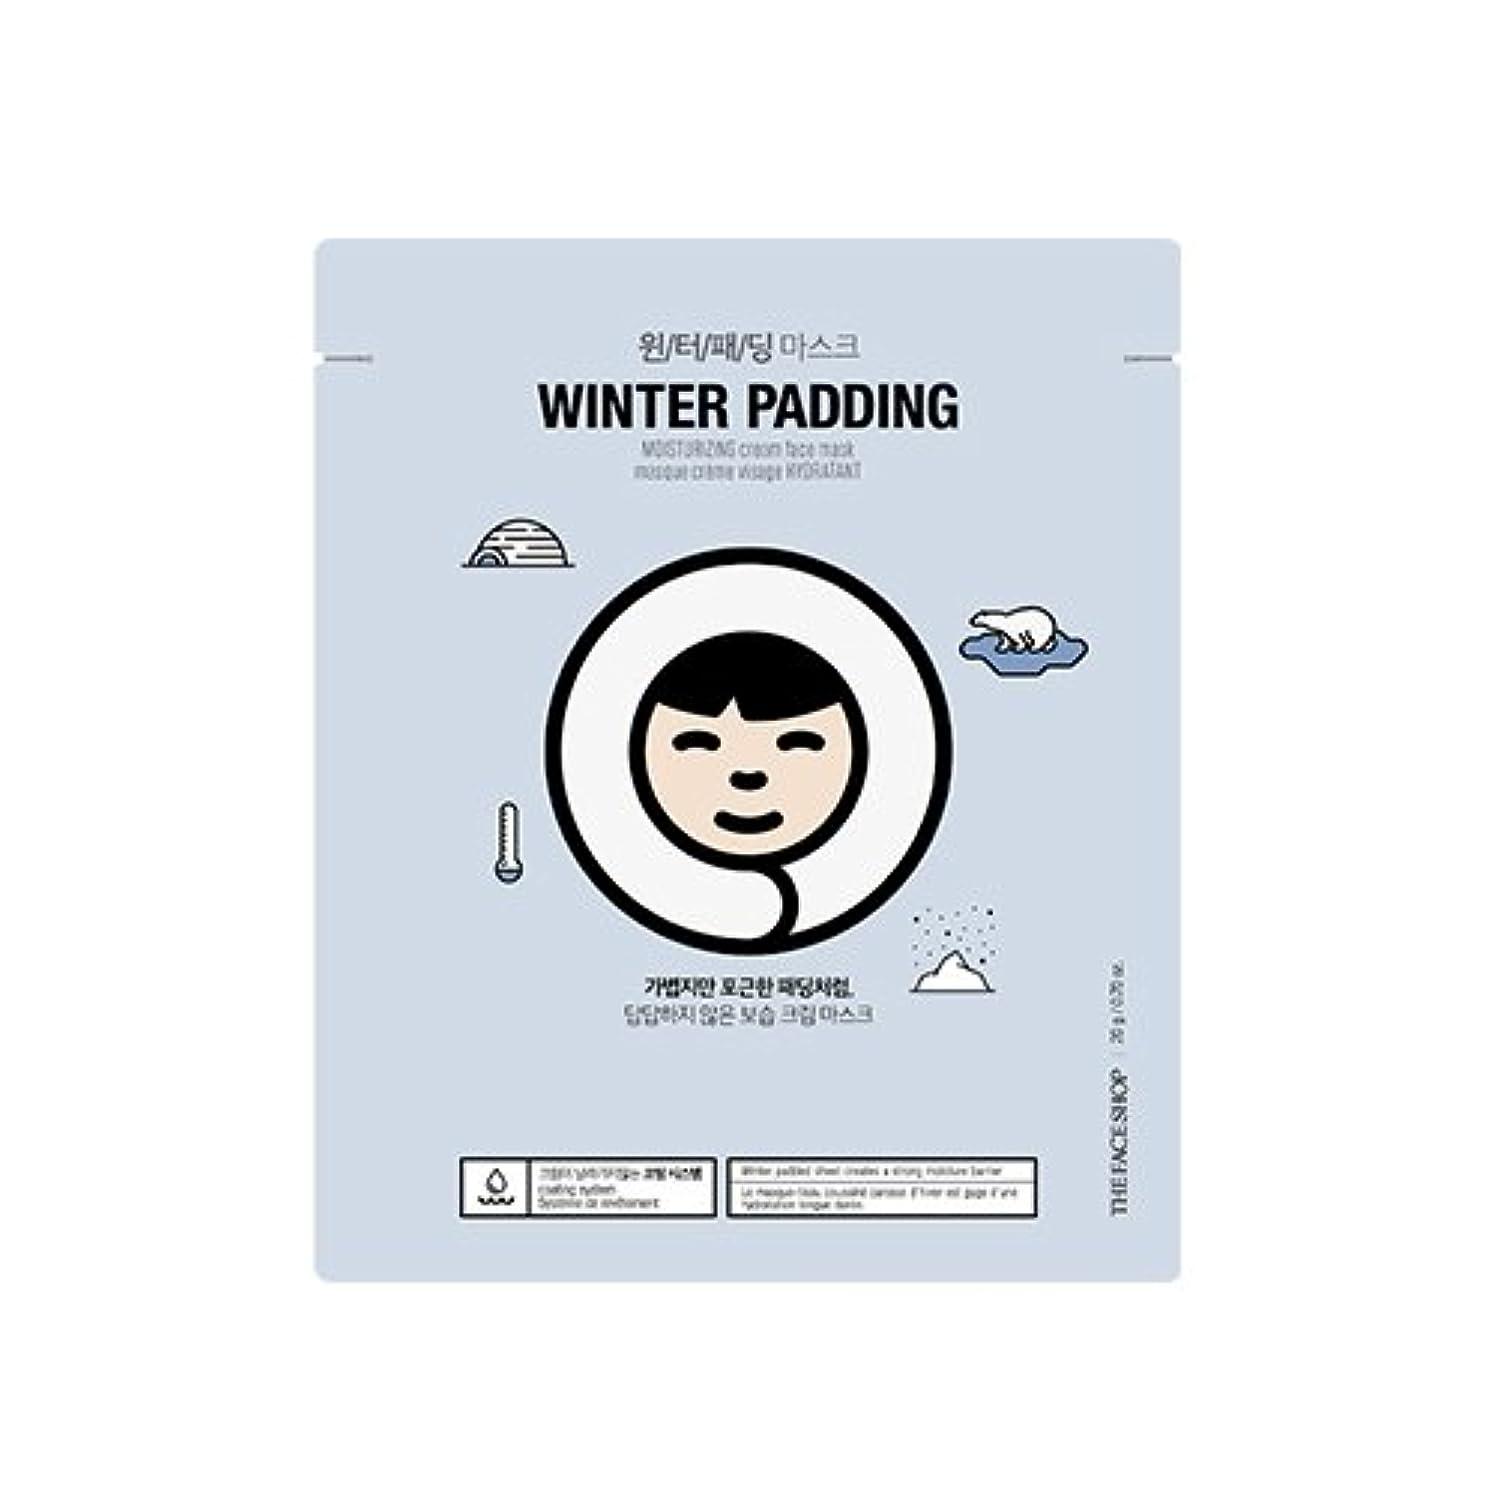 蒸気相関する独裁者THE FACE SHOP Winter Padding Cream Mask (5EA) (1. Moisturizing Cream Mask) / ザフェイスショップ ウインター パッディング クリームマスク(5枚) [並行輸入品]